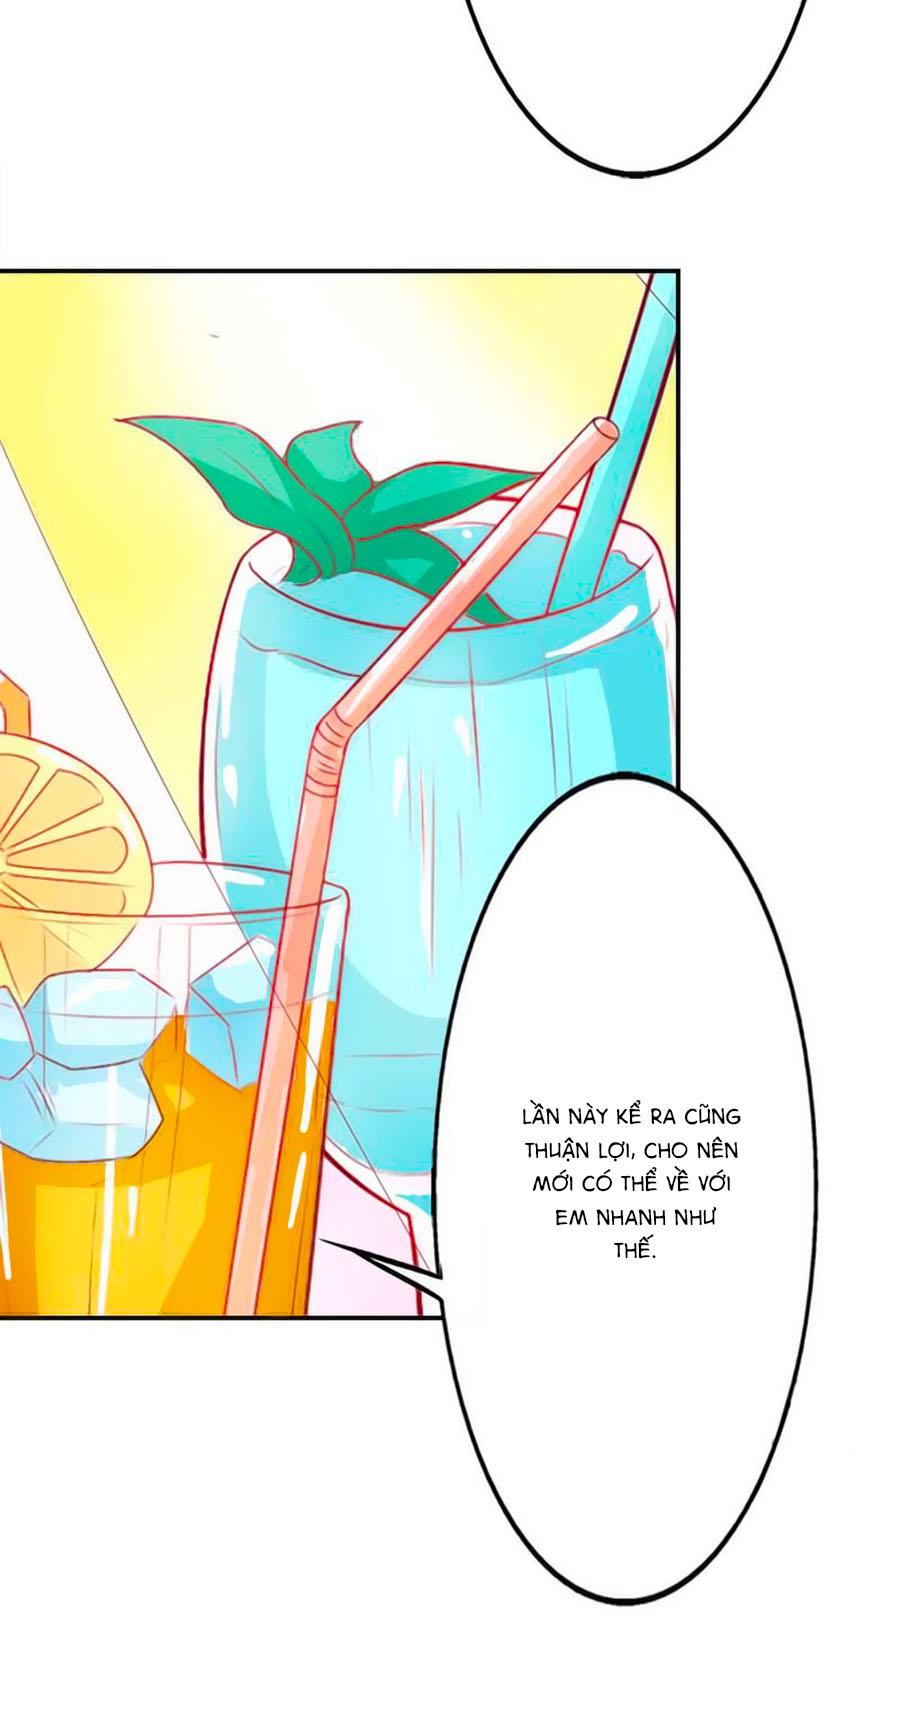 Song Diện Danh Viện Chap 65 - Trang 12